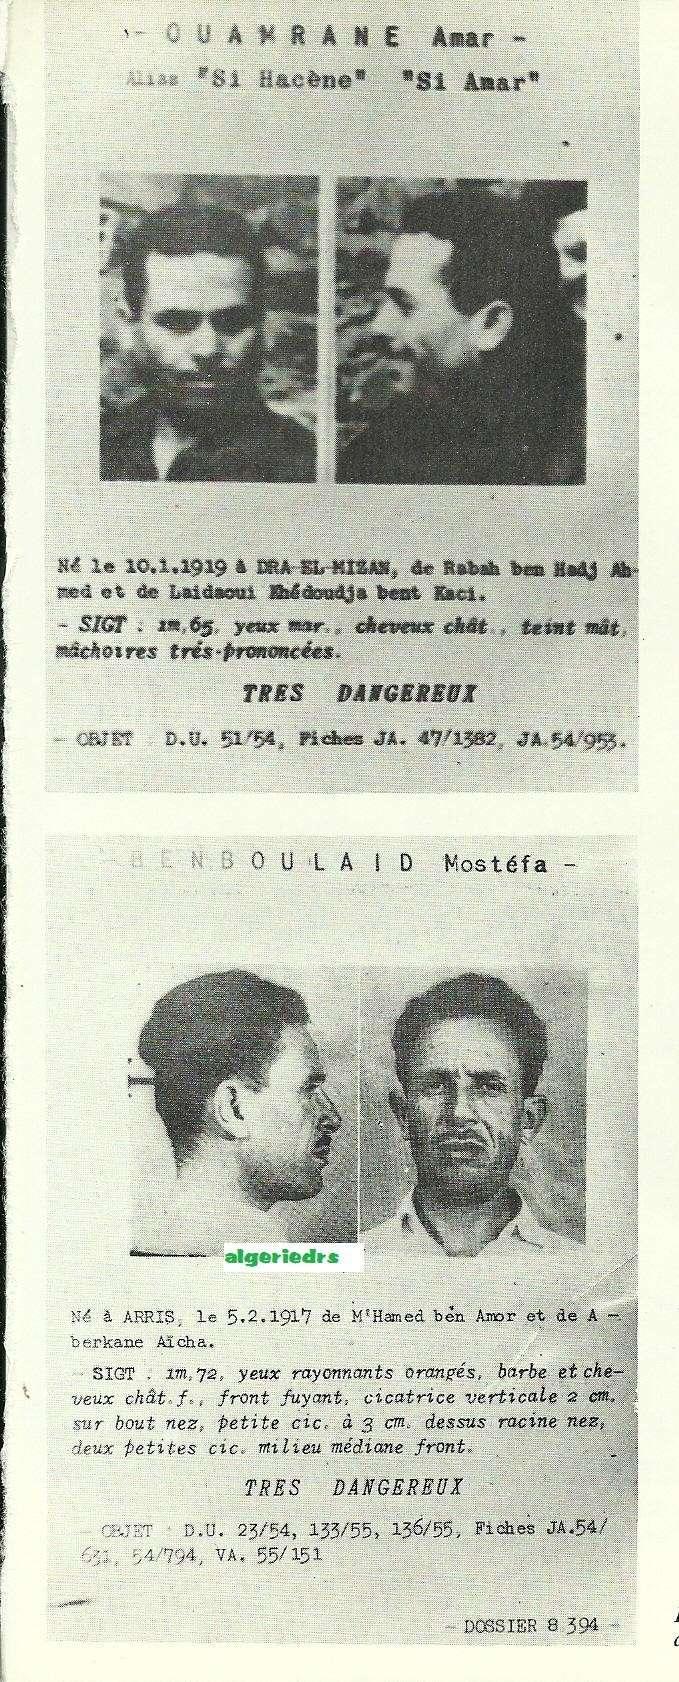 Chronologie de la révolution Algérienne  - Page 3 D_d_h910